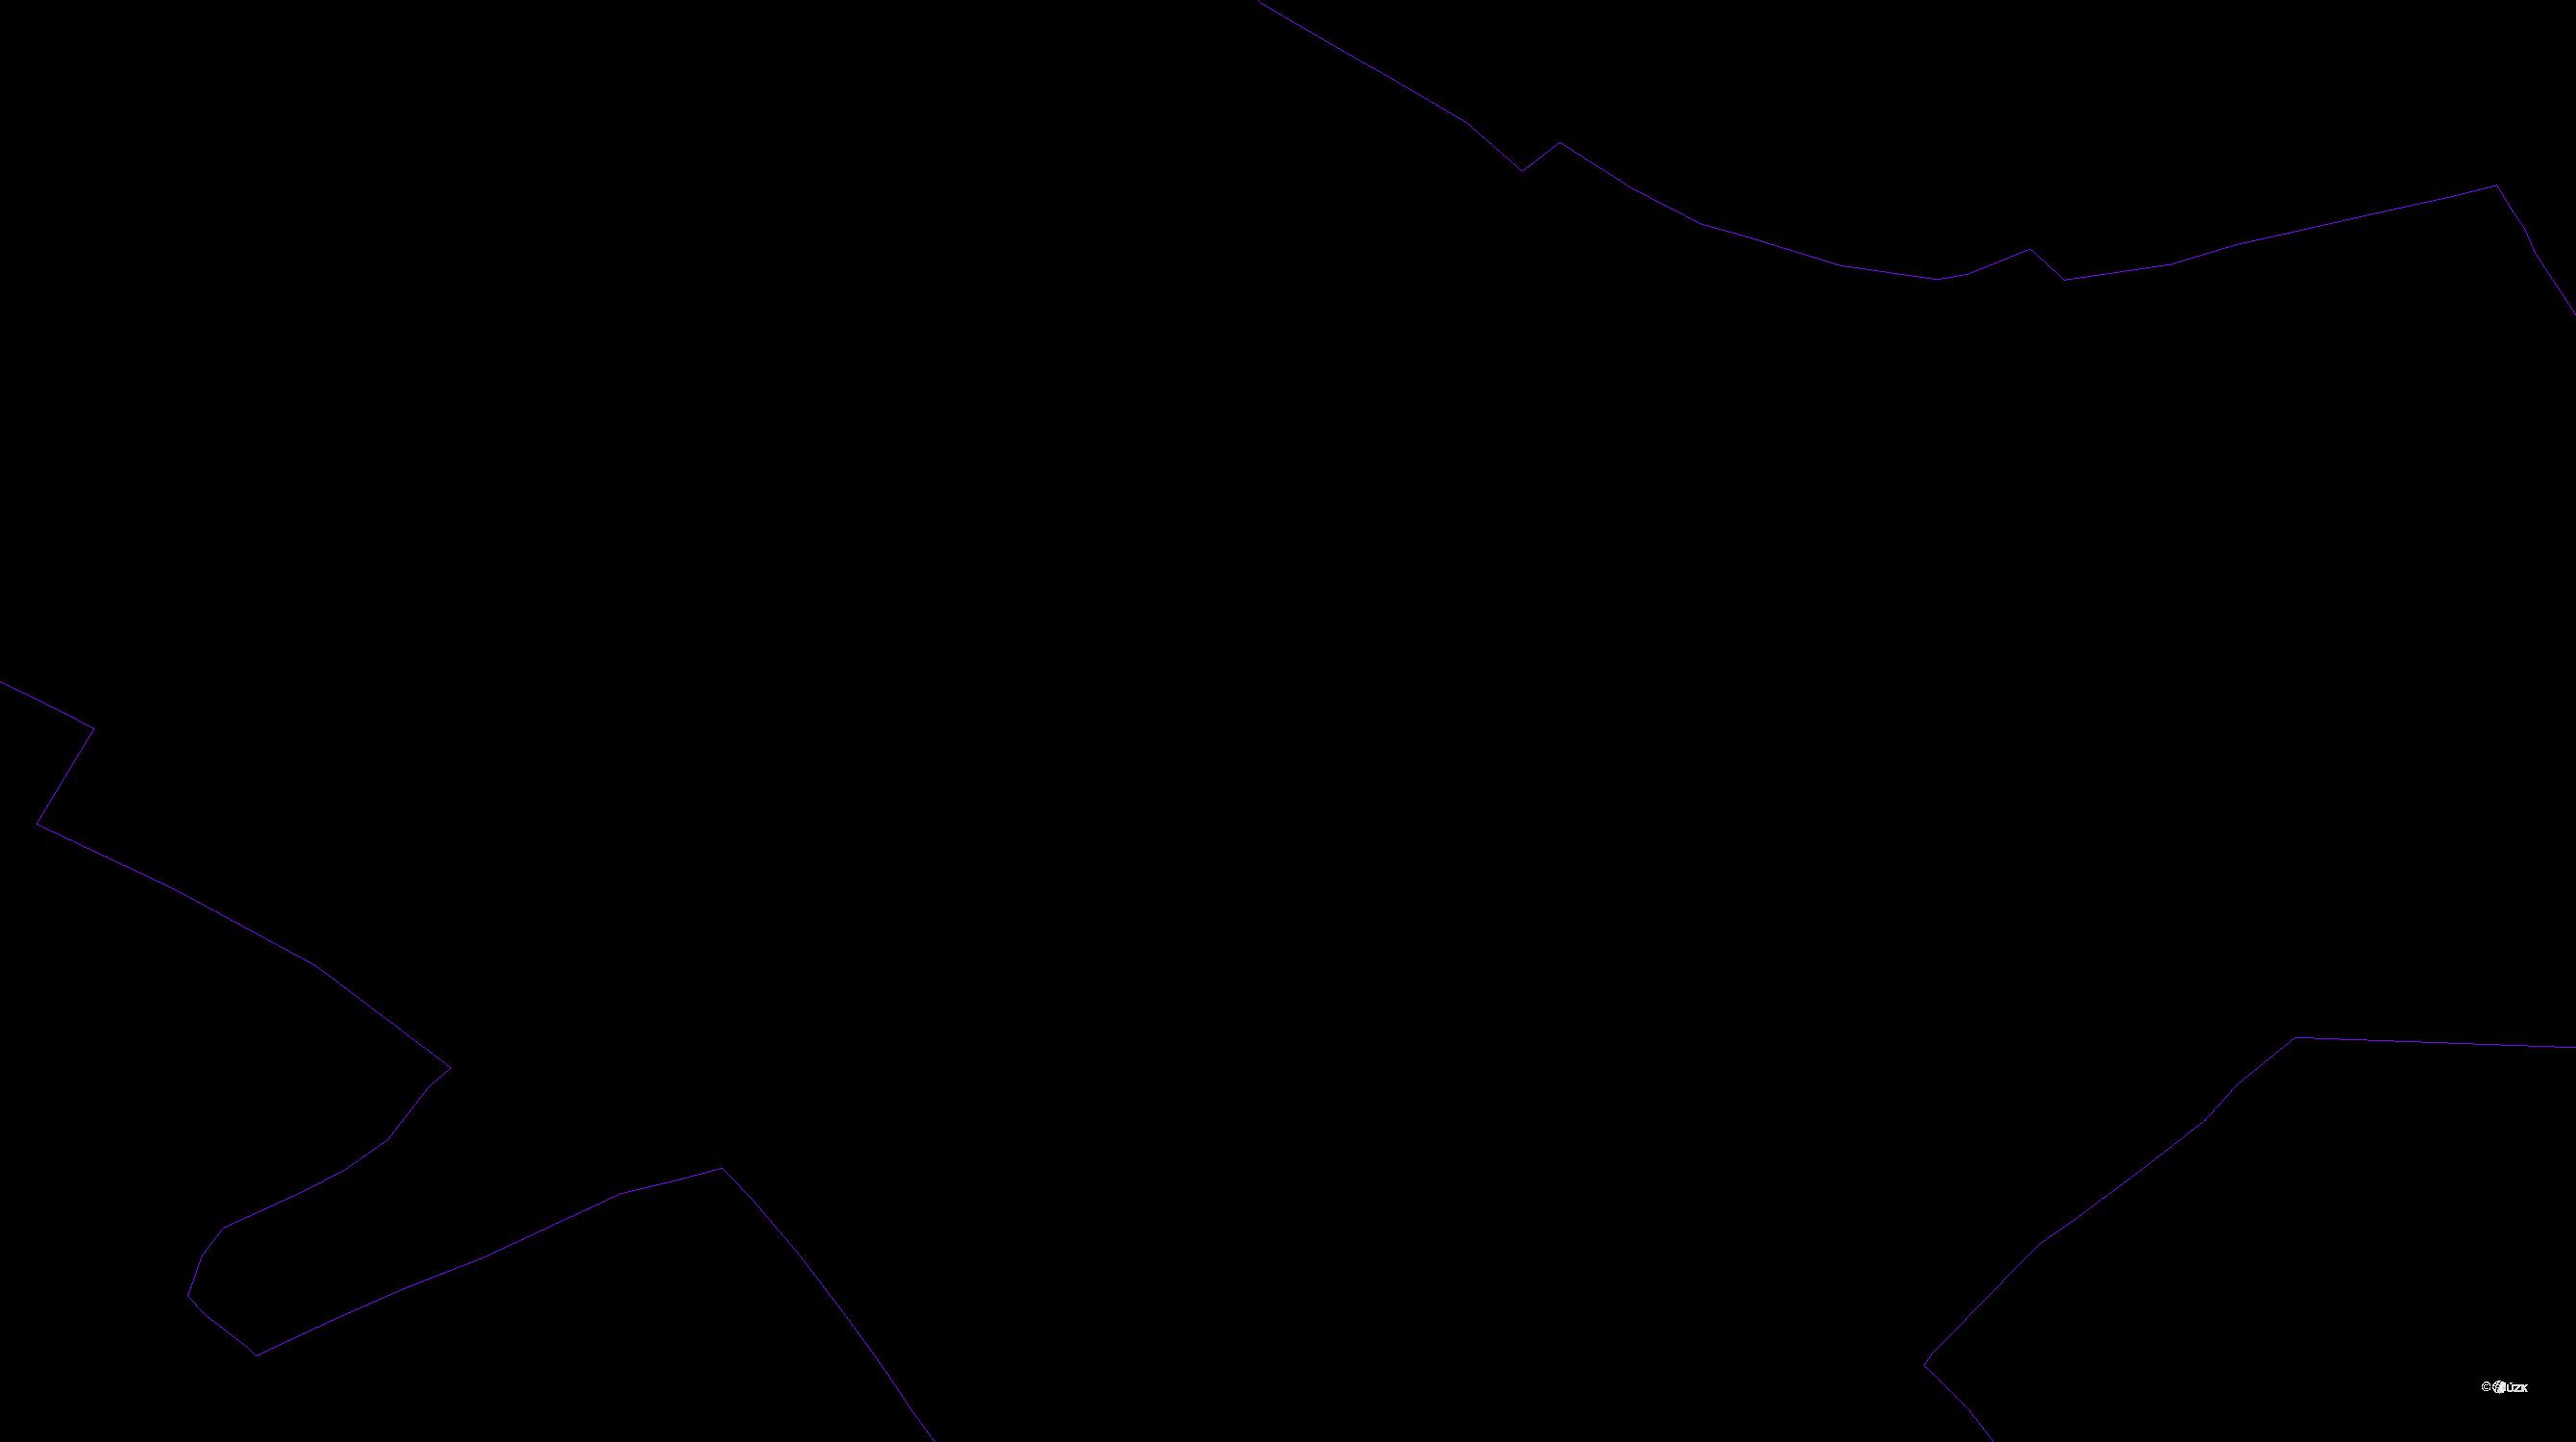 Katastrální mapa pozemků a čísla parcel Nové Hraběcí